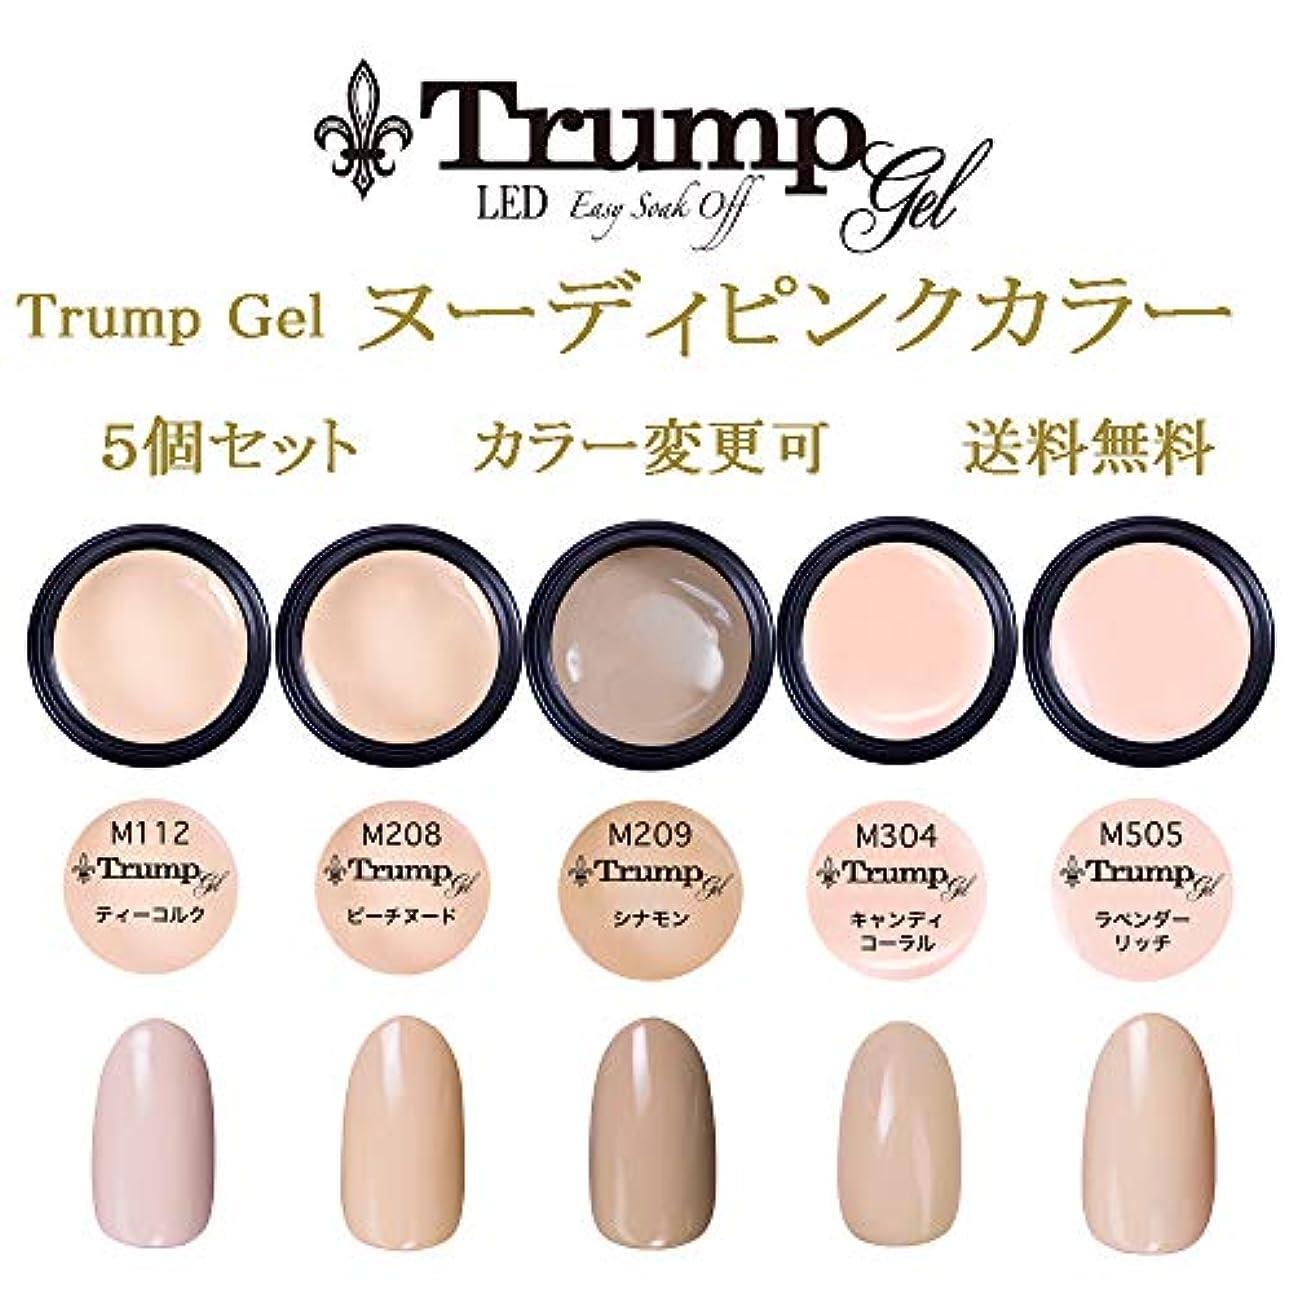 中央先例湿った日本製 Trump gel トランプジェル ヌーディピンク 選べる カラージェル 5個セット ピンク ベージュ ヌーディカラー